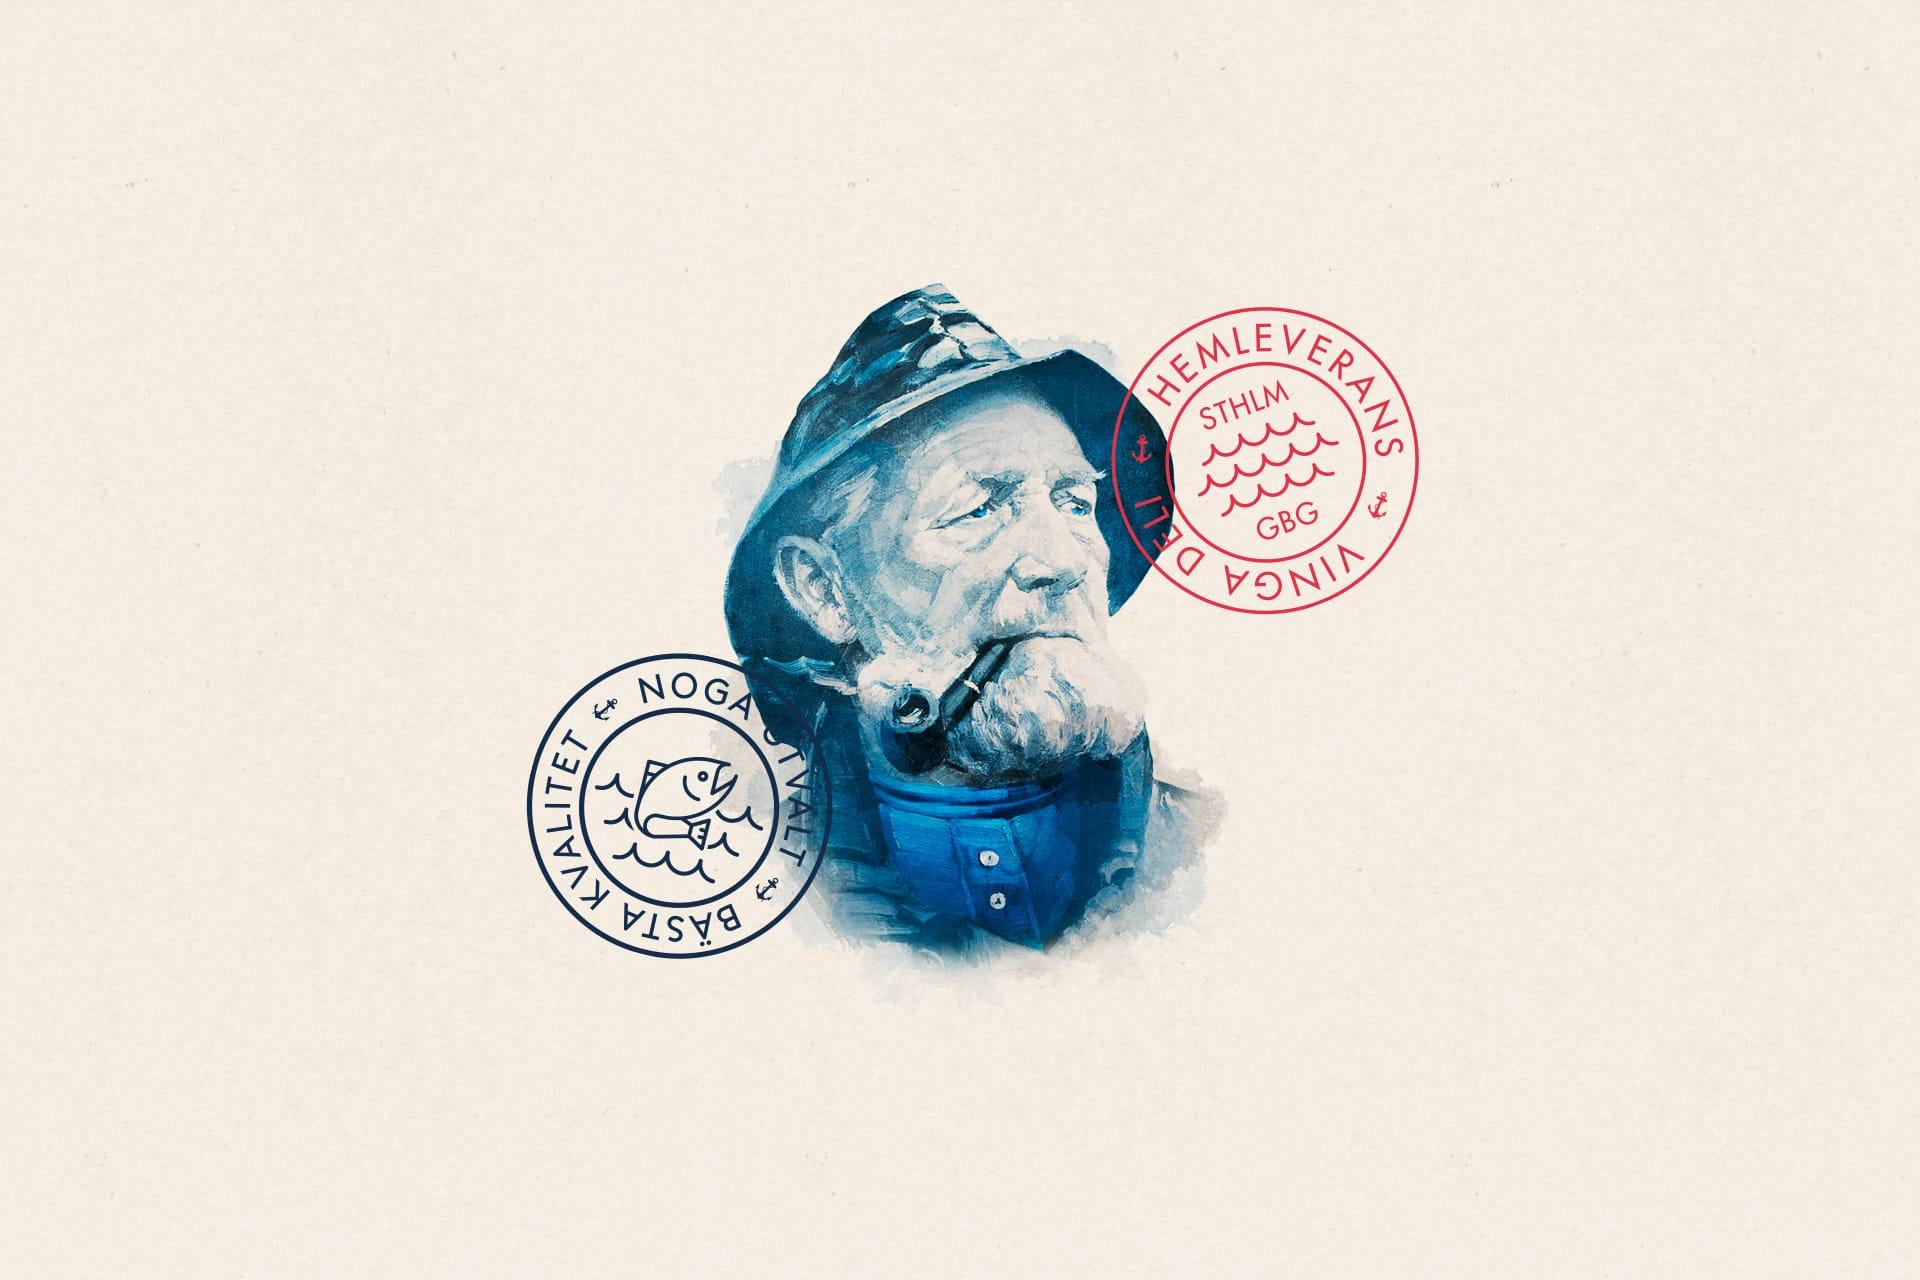 Vinga_Deli_Kaptenen_Grafisk_Design_mnecander